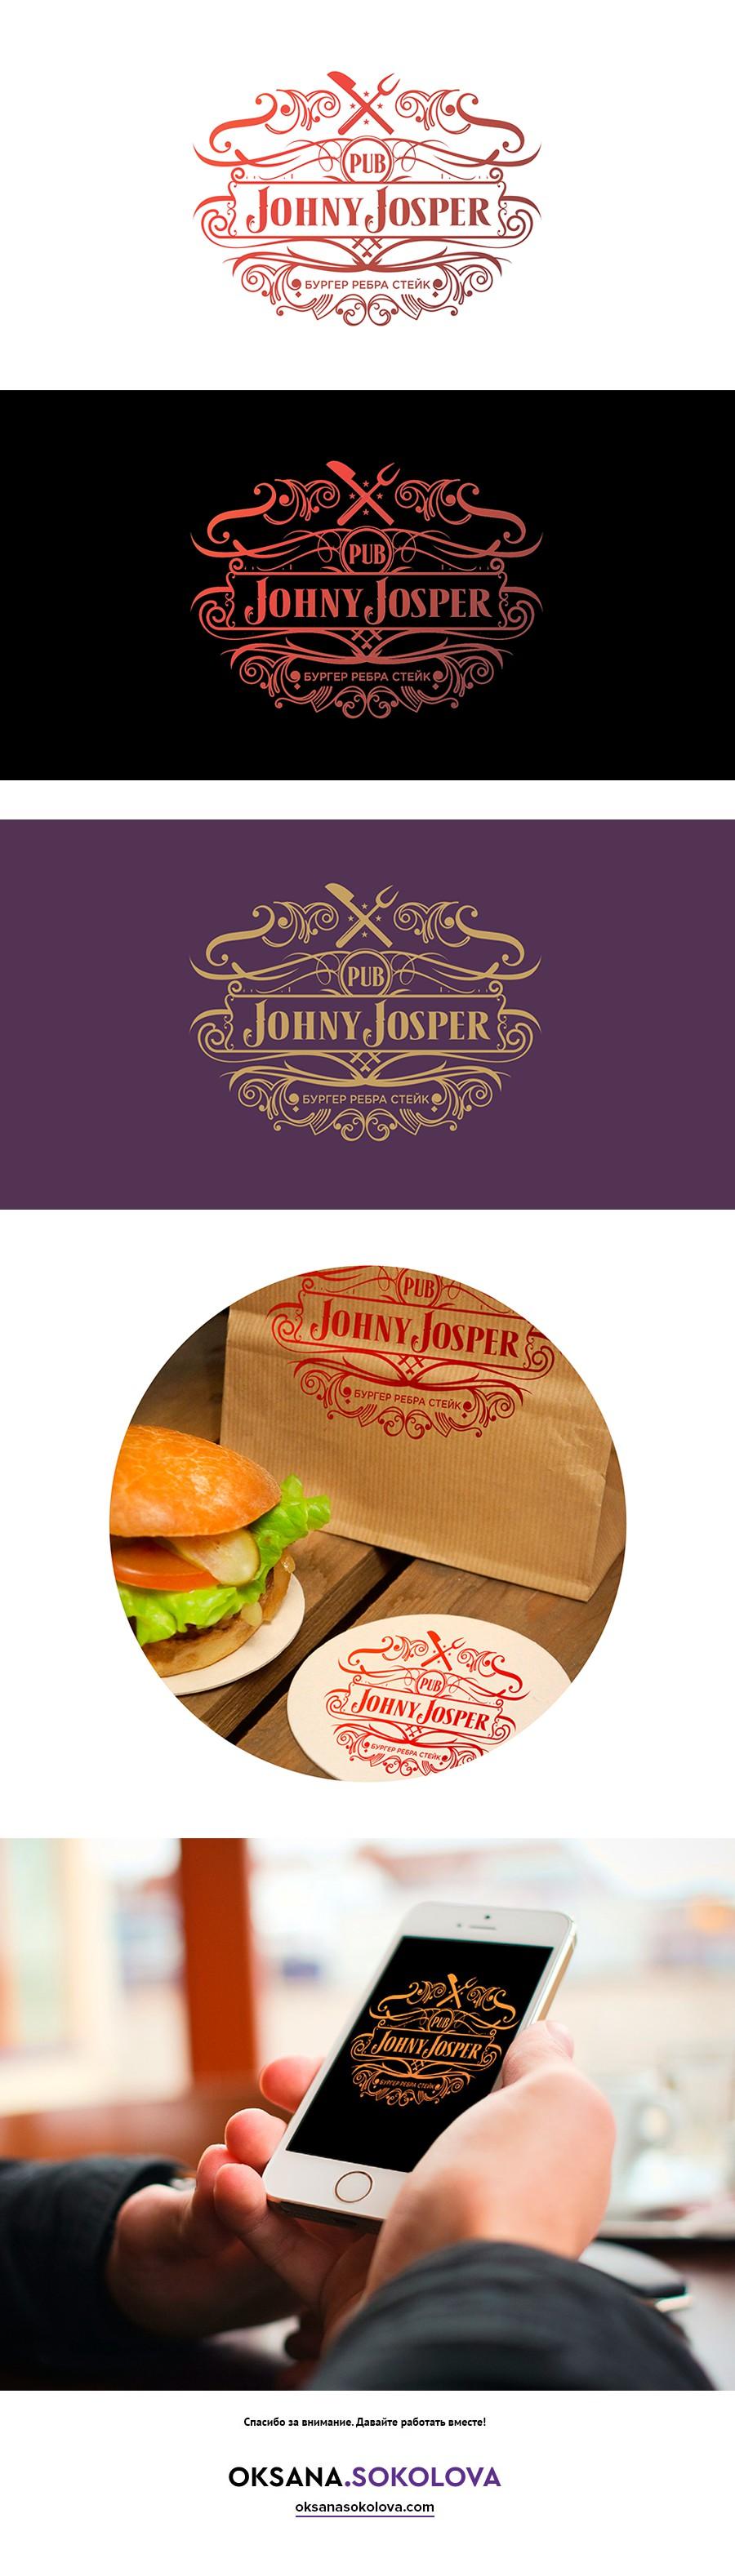 Johny Josper Pub